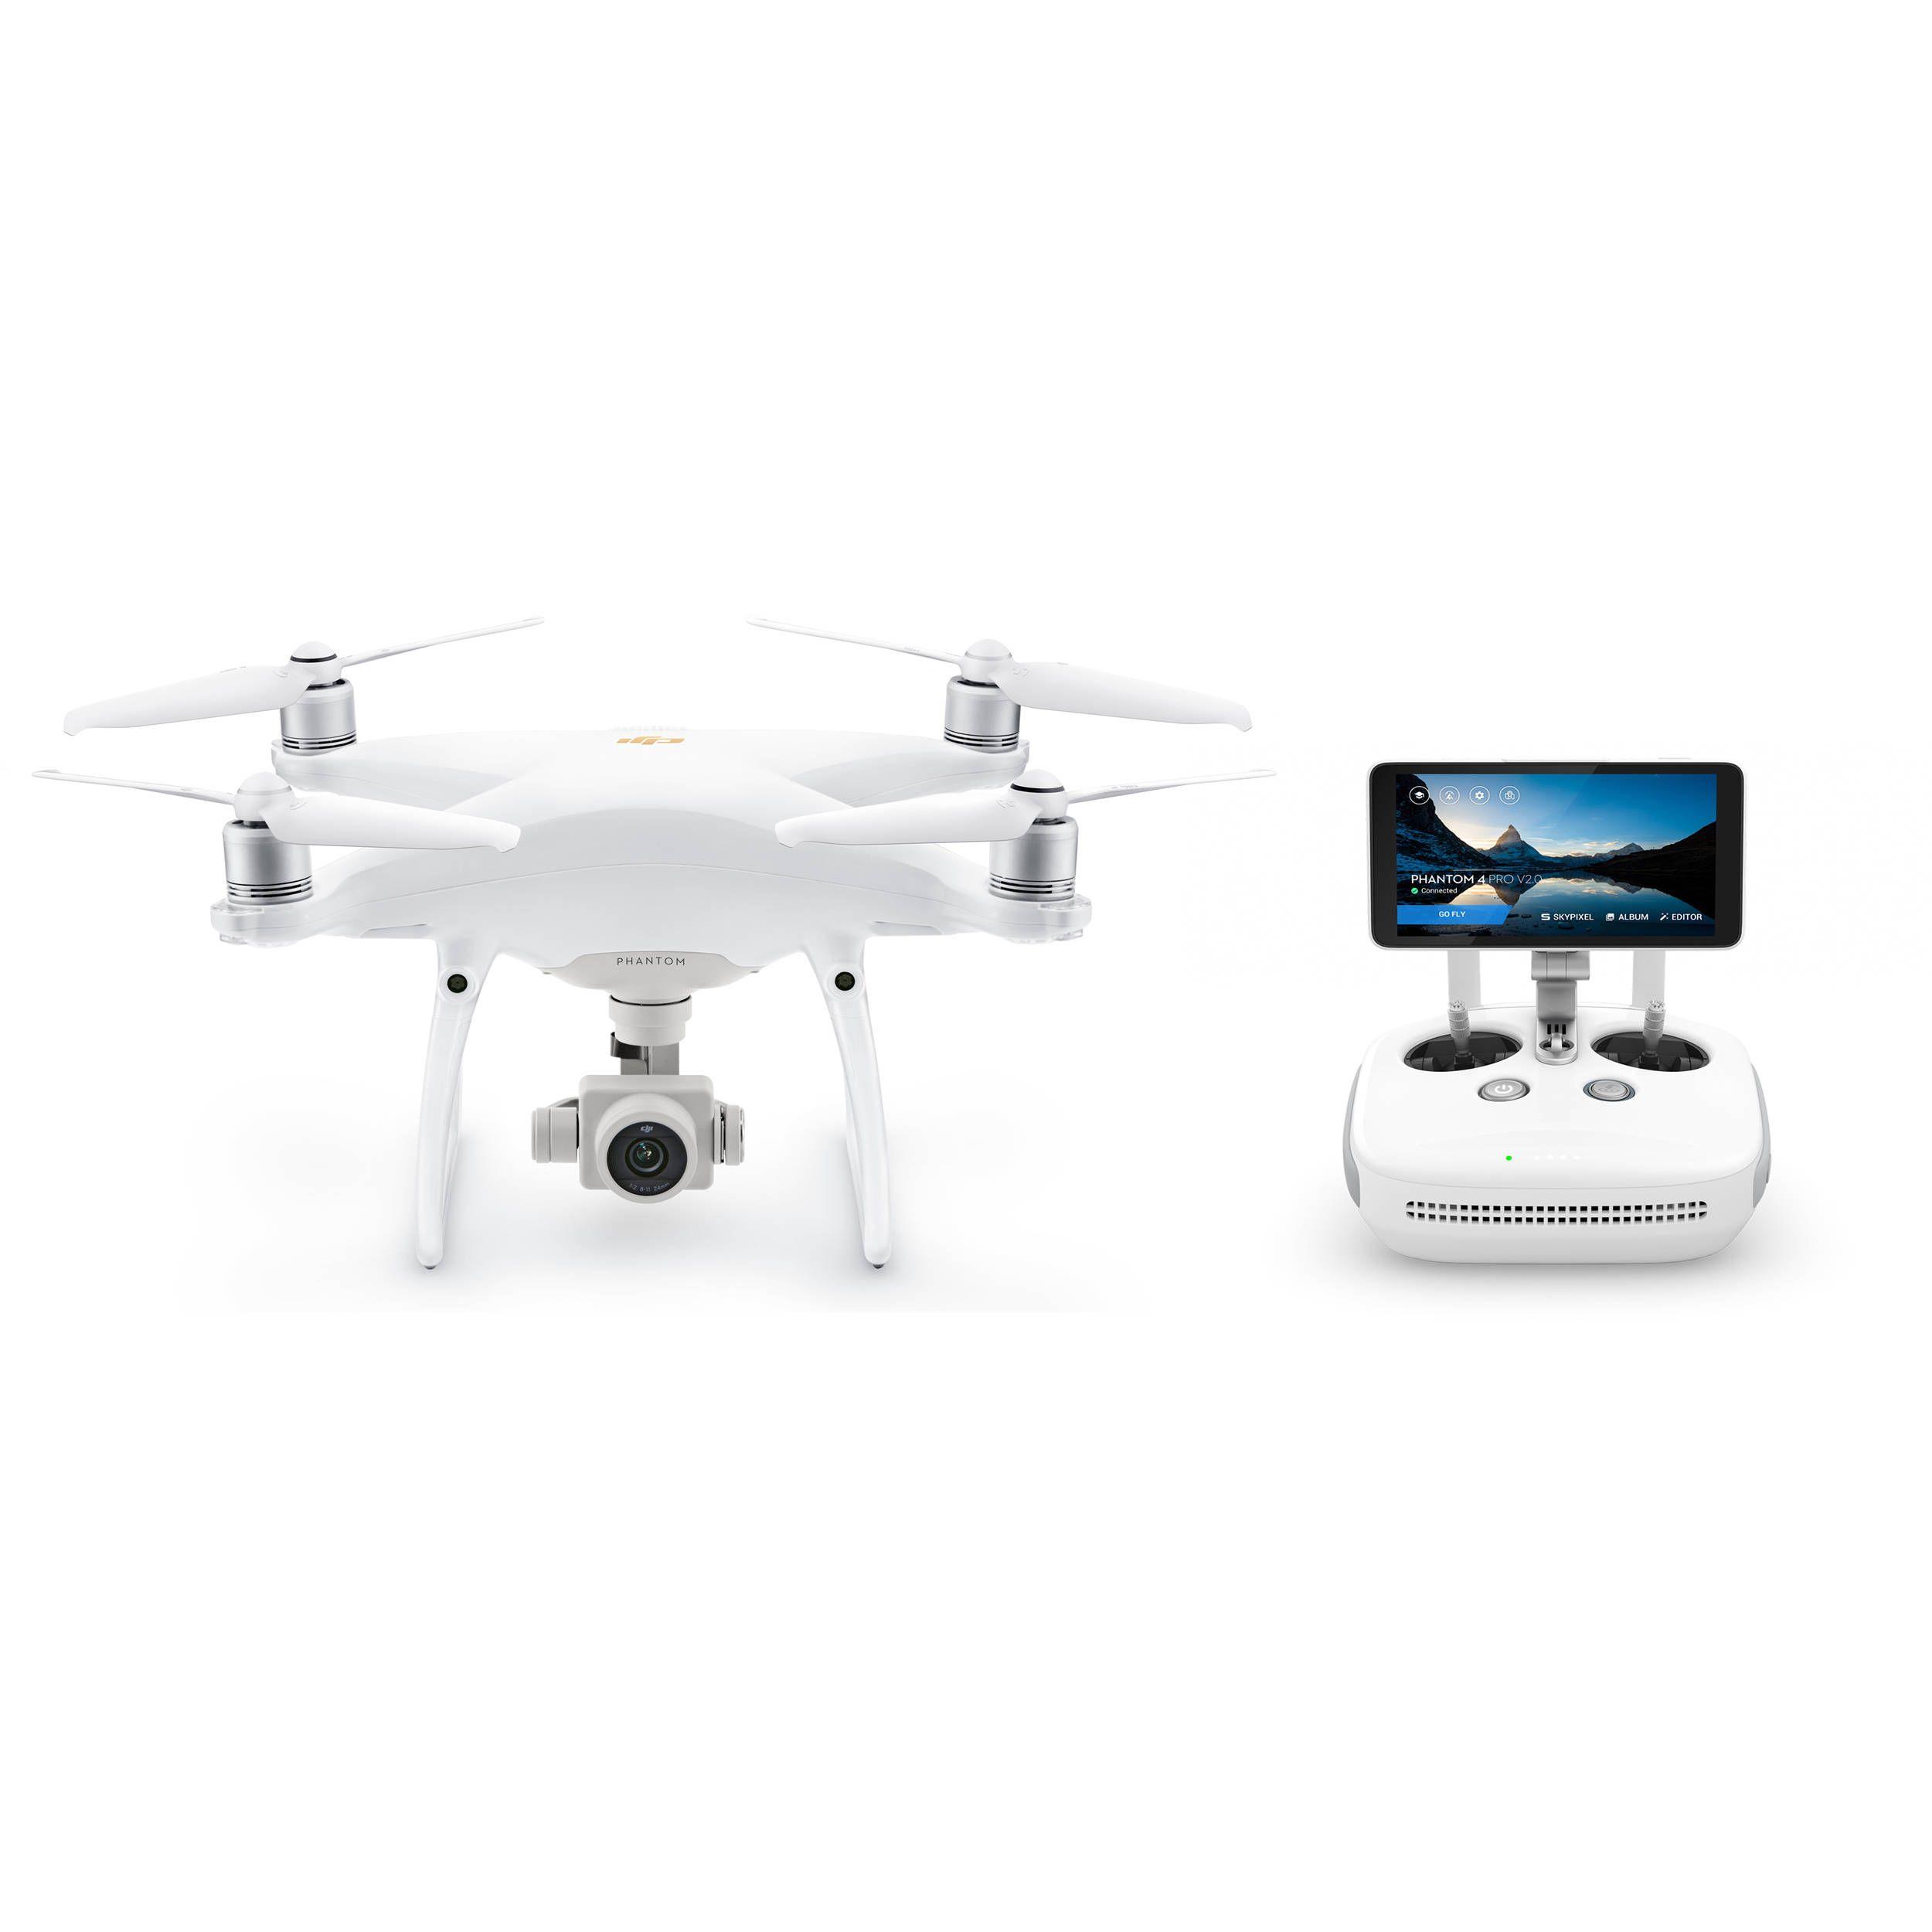 Drone Dji Phantom 4 Pro Plus V2 0 In 2020 Drone Dji Phantom Dji Phantom 4 Dji Phantom